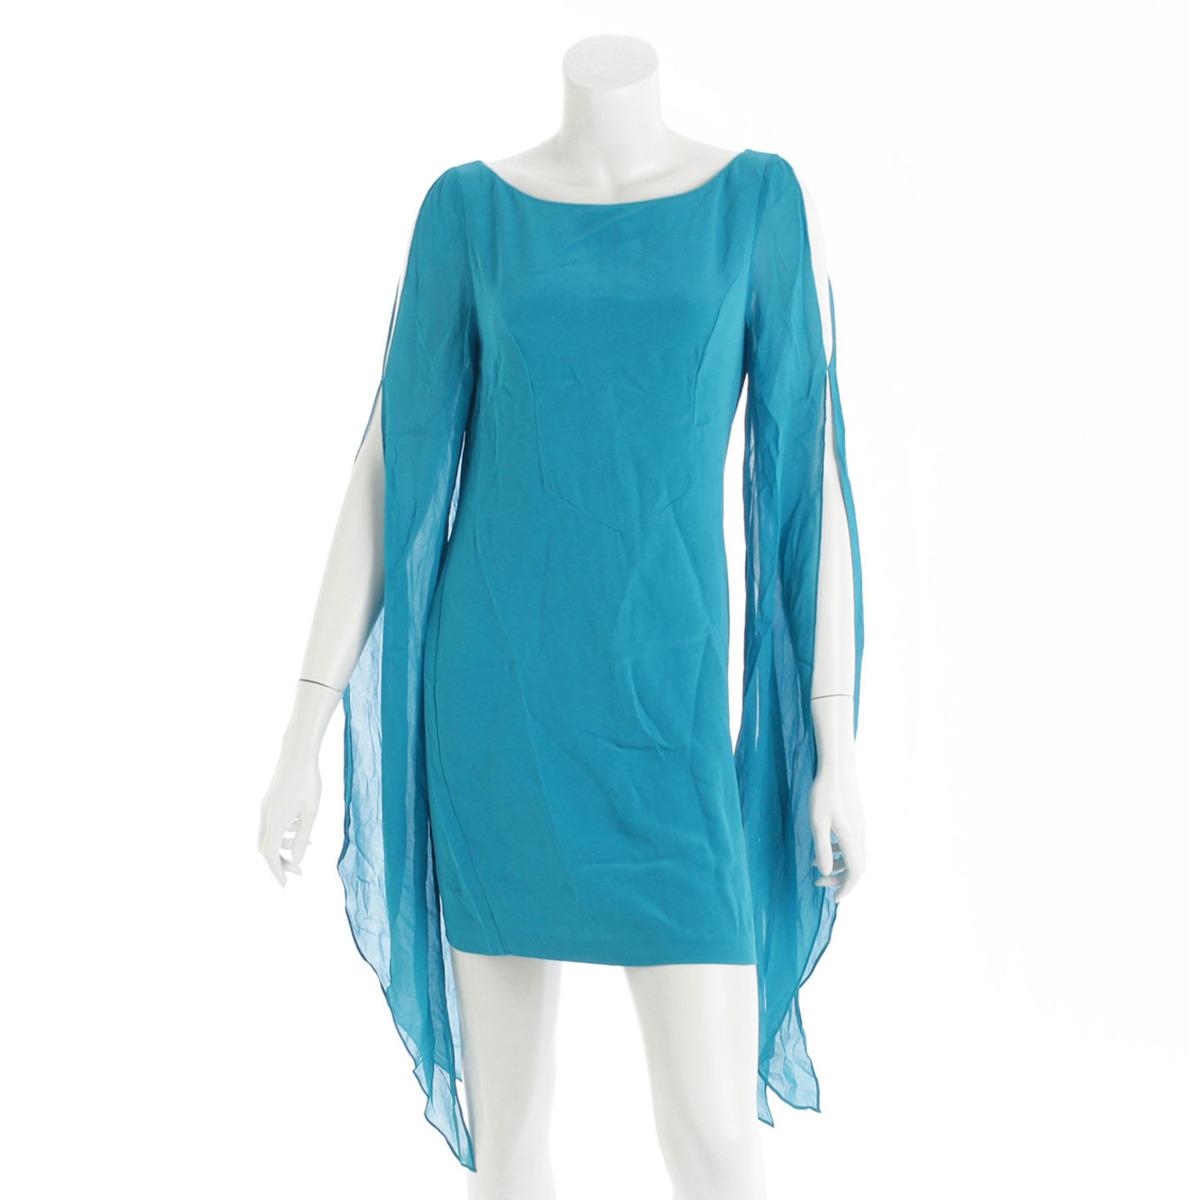 【】 パトリシアフィールド シルク ワンピース ドレス ブルー 4 【中古】【鑑定済・正規品保証】【送料無料】31767